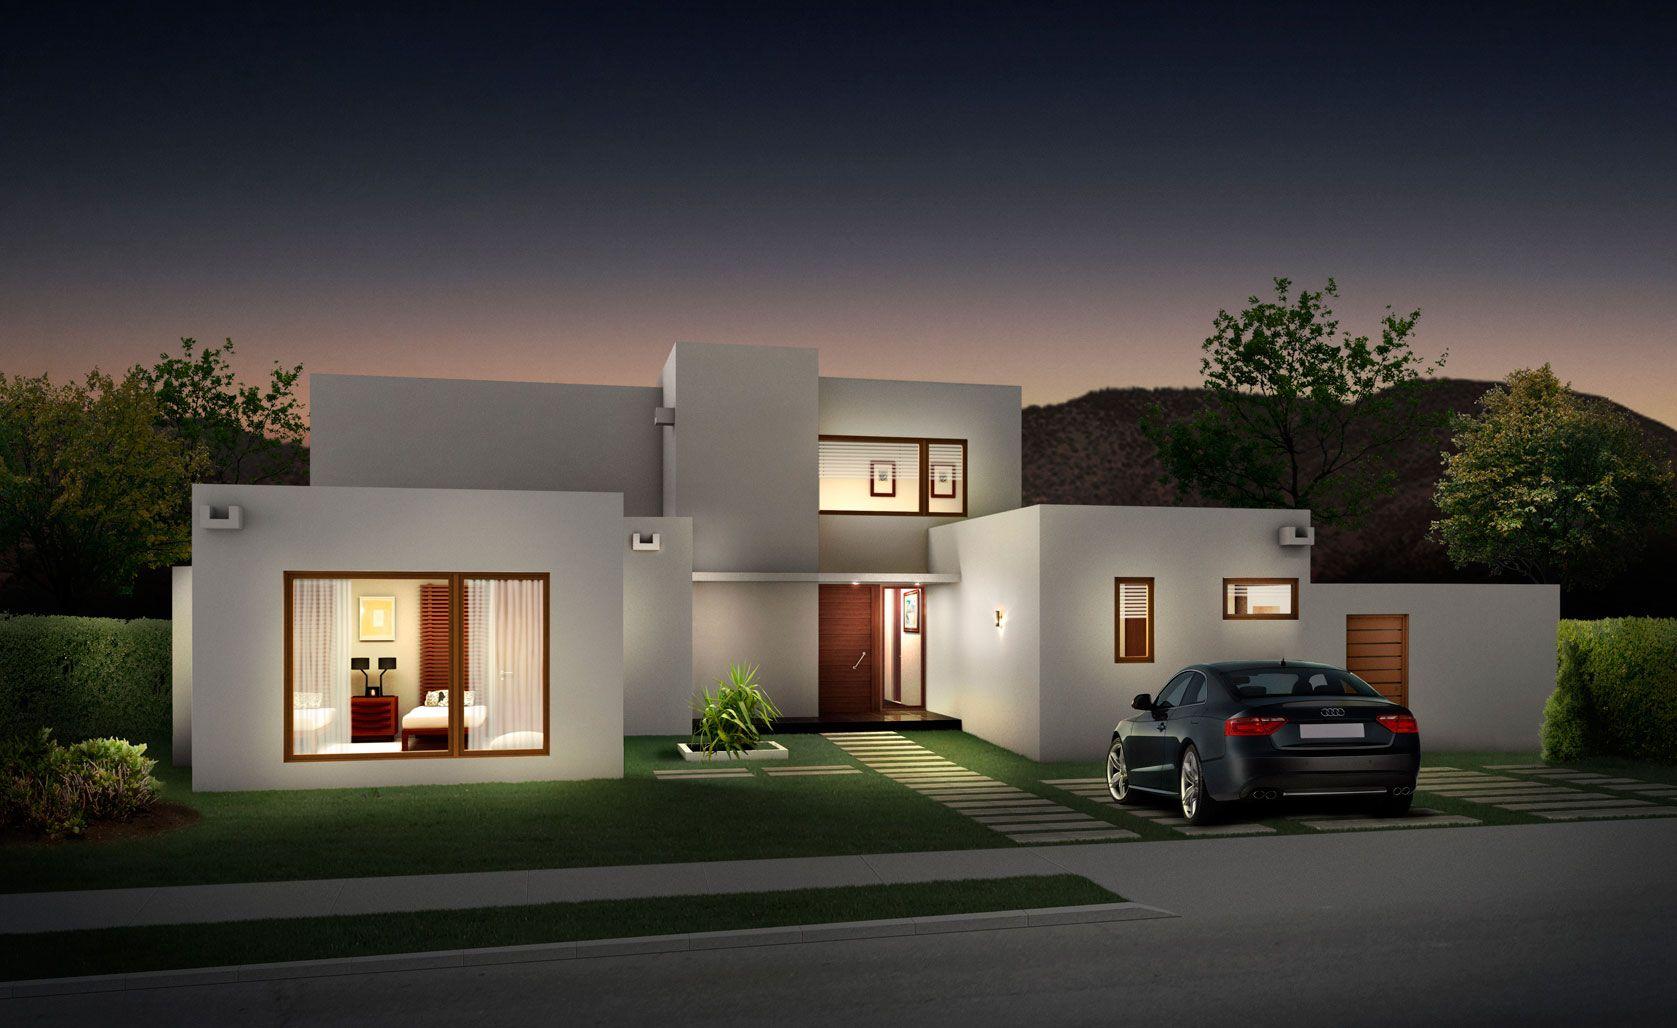 Casa mediterranea buscar con google casa real for Casa moderna mediterranea